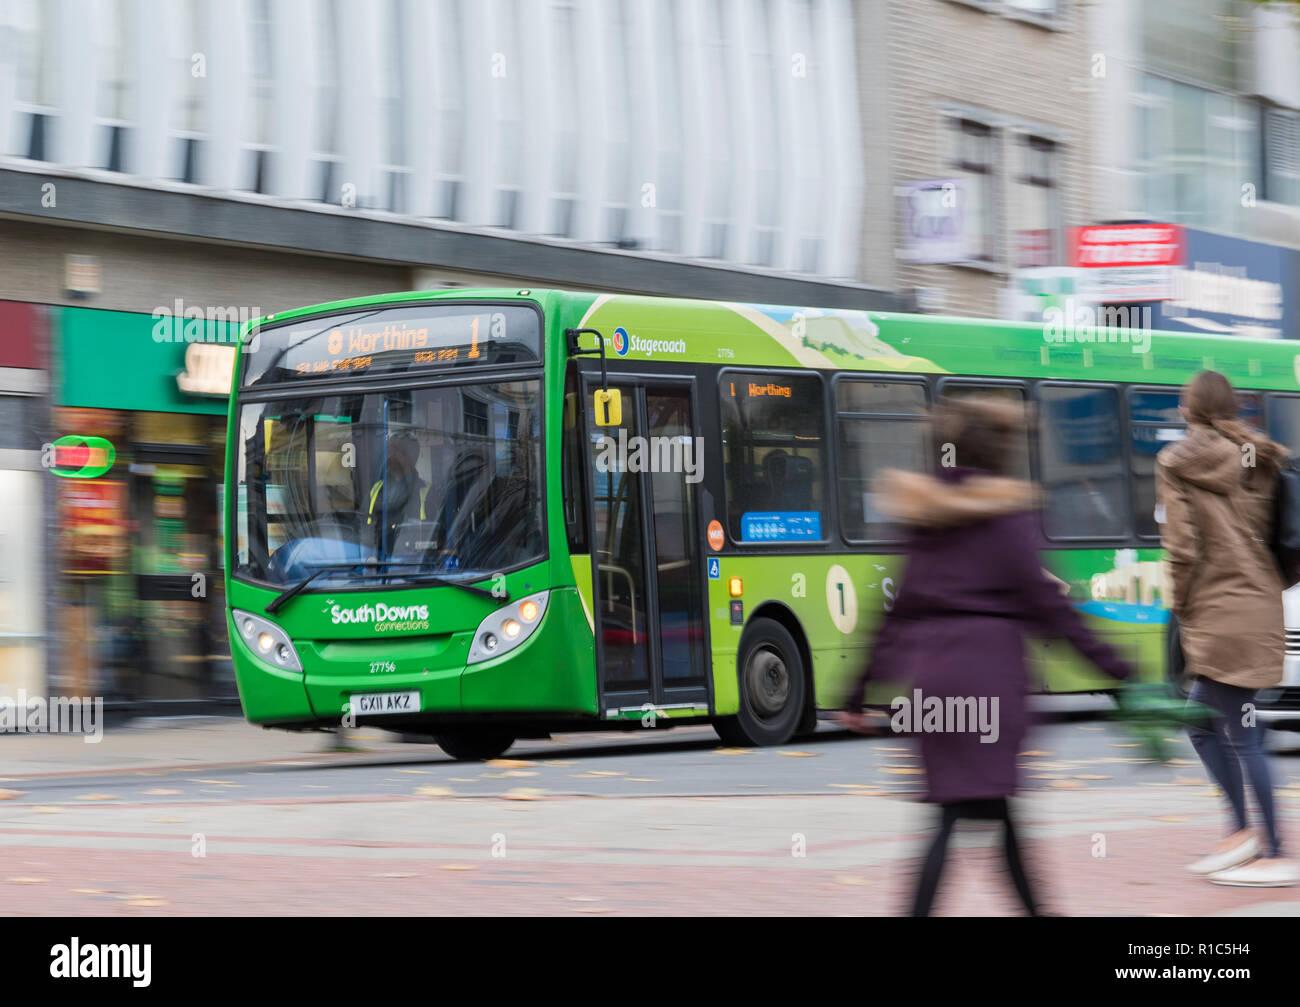 Stagecoach South Downs conexiones de bus número 1 de color verde con el desenfoque de movimiento en una concurrida calle alta en Worthing, West Sussex, Inglaterra, Reino Unido. Concepto de viaje. Imagen De Stock